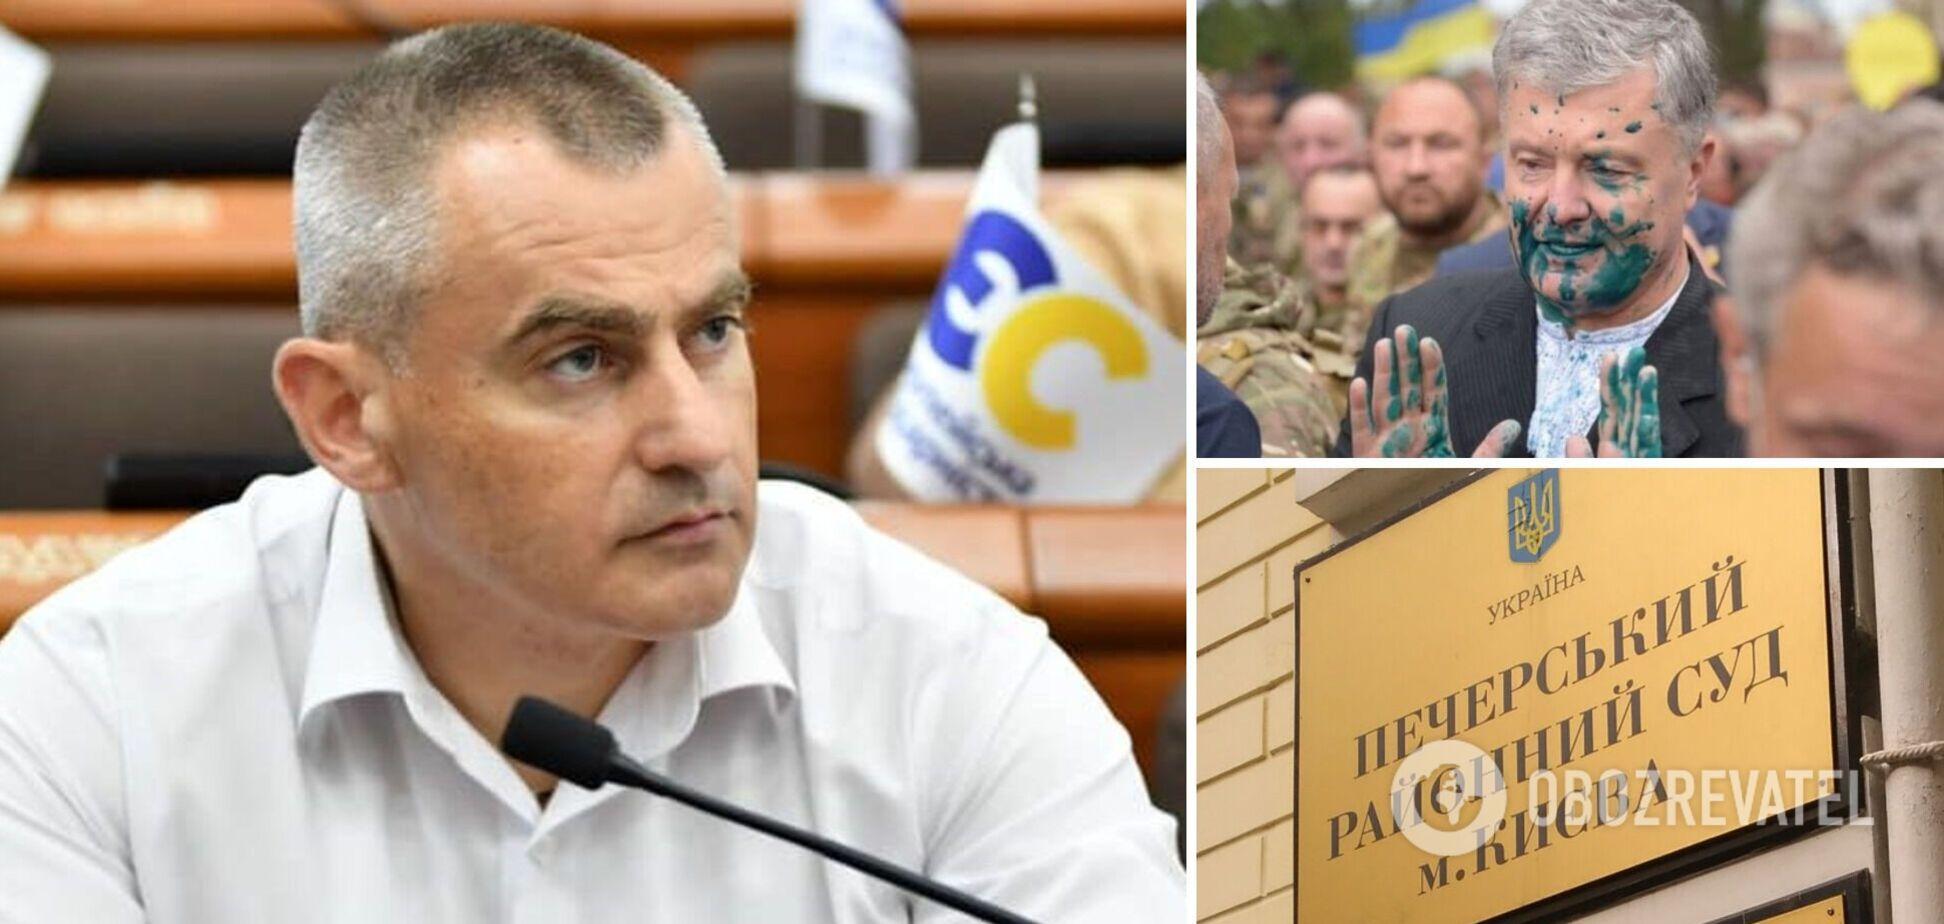 Кононенко сообщил о решении Печерского суда о нападении на Порошенко